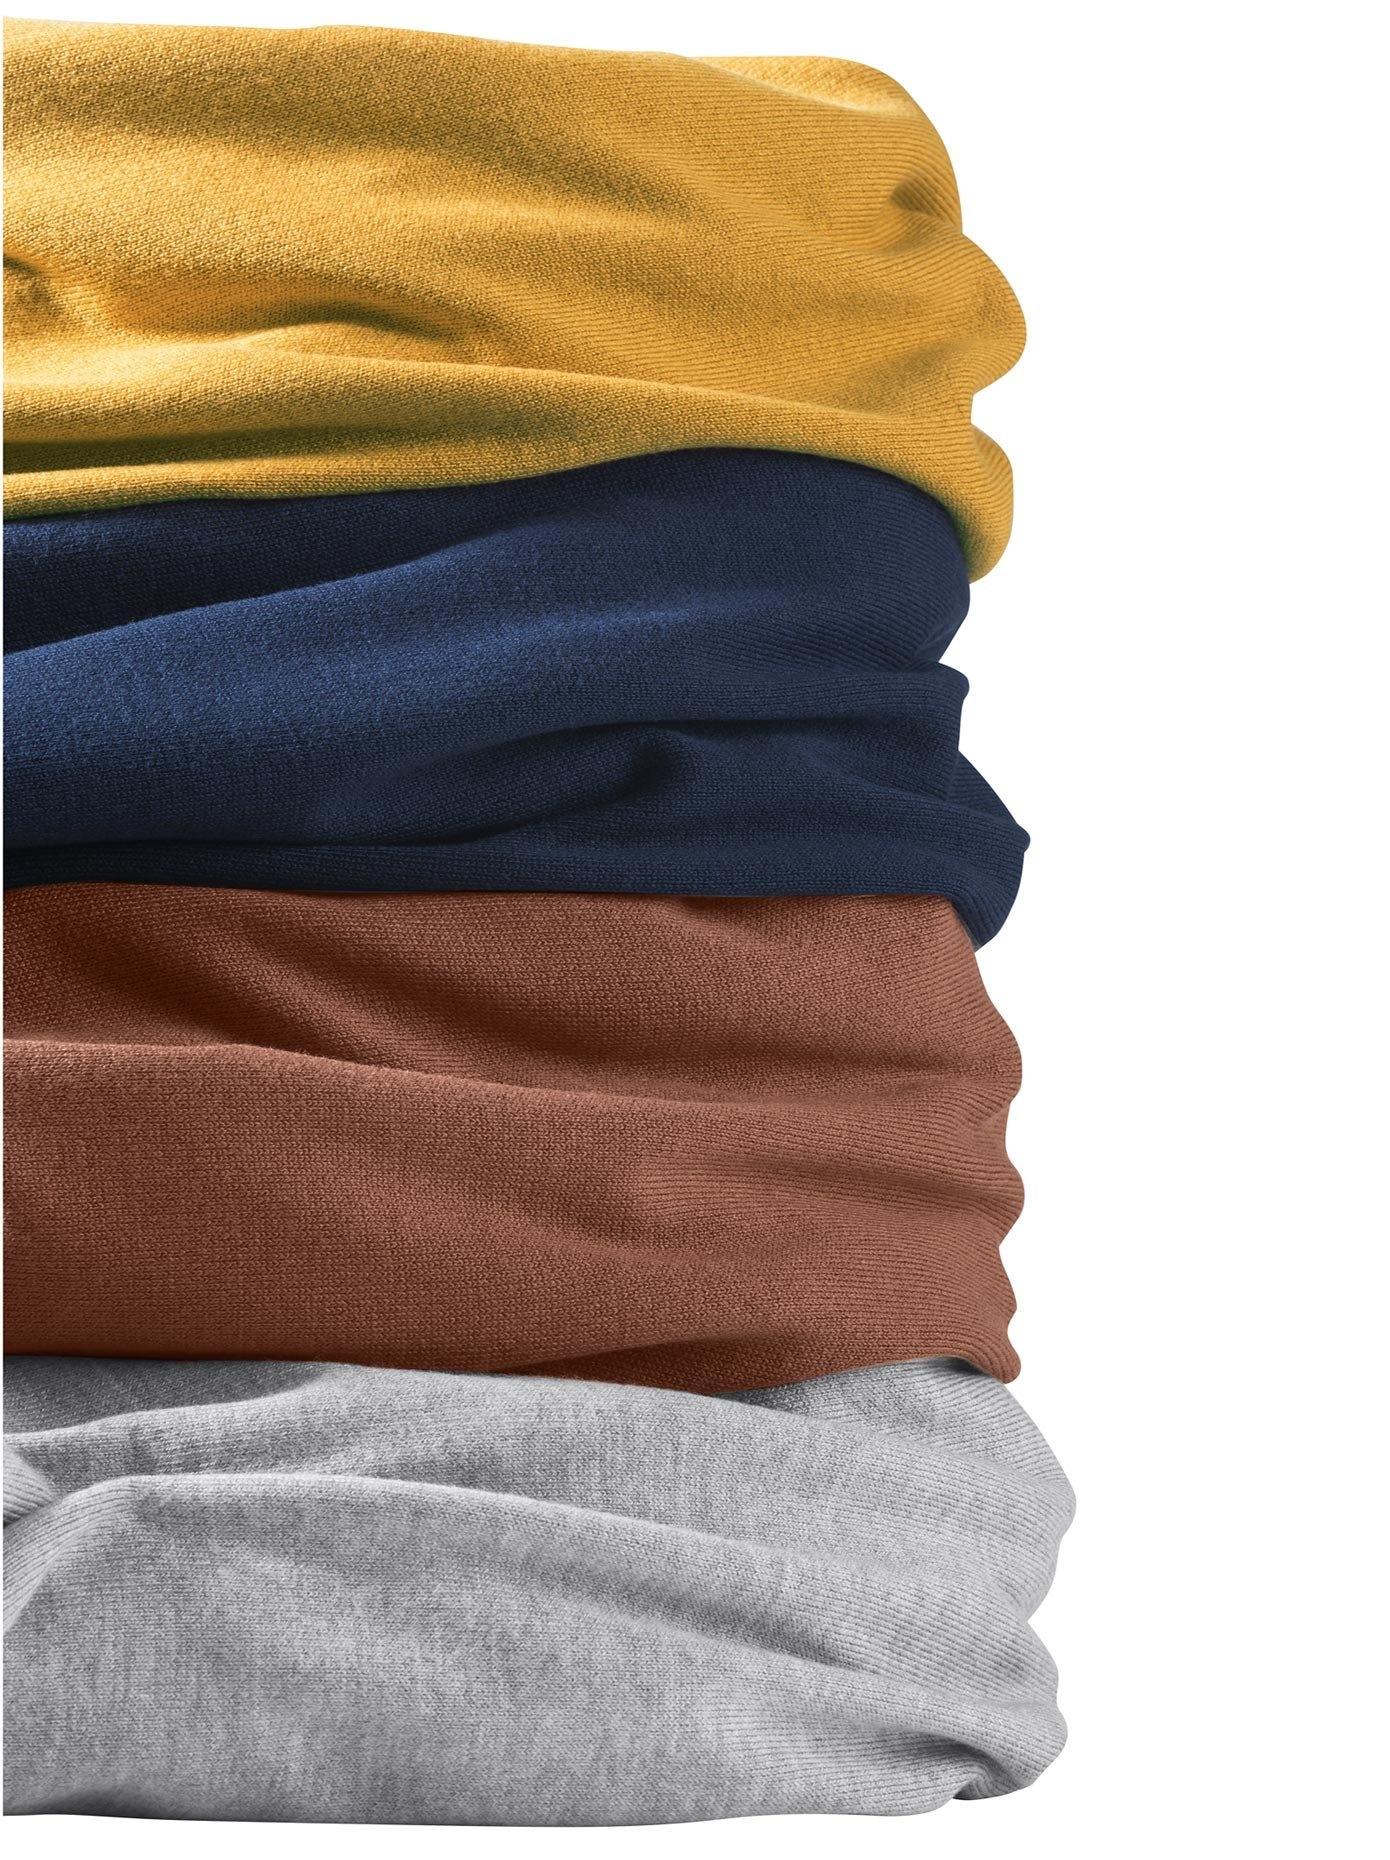 Casual Looks trui met ronde hals nu online kopen bij OTTO